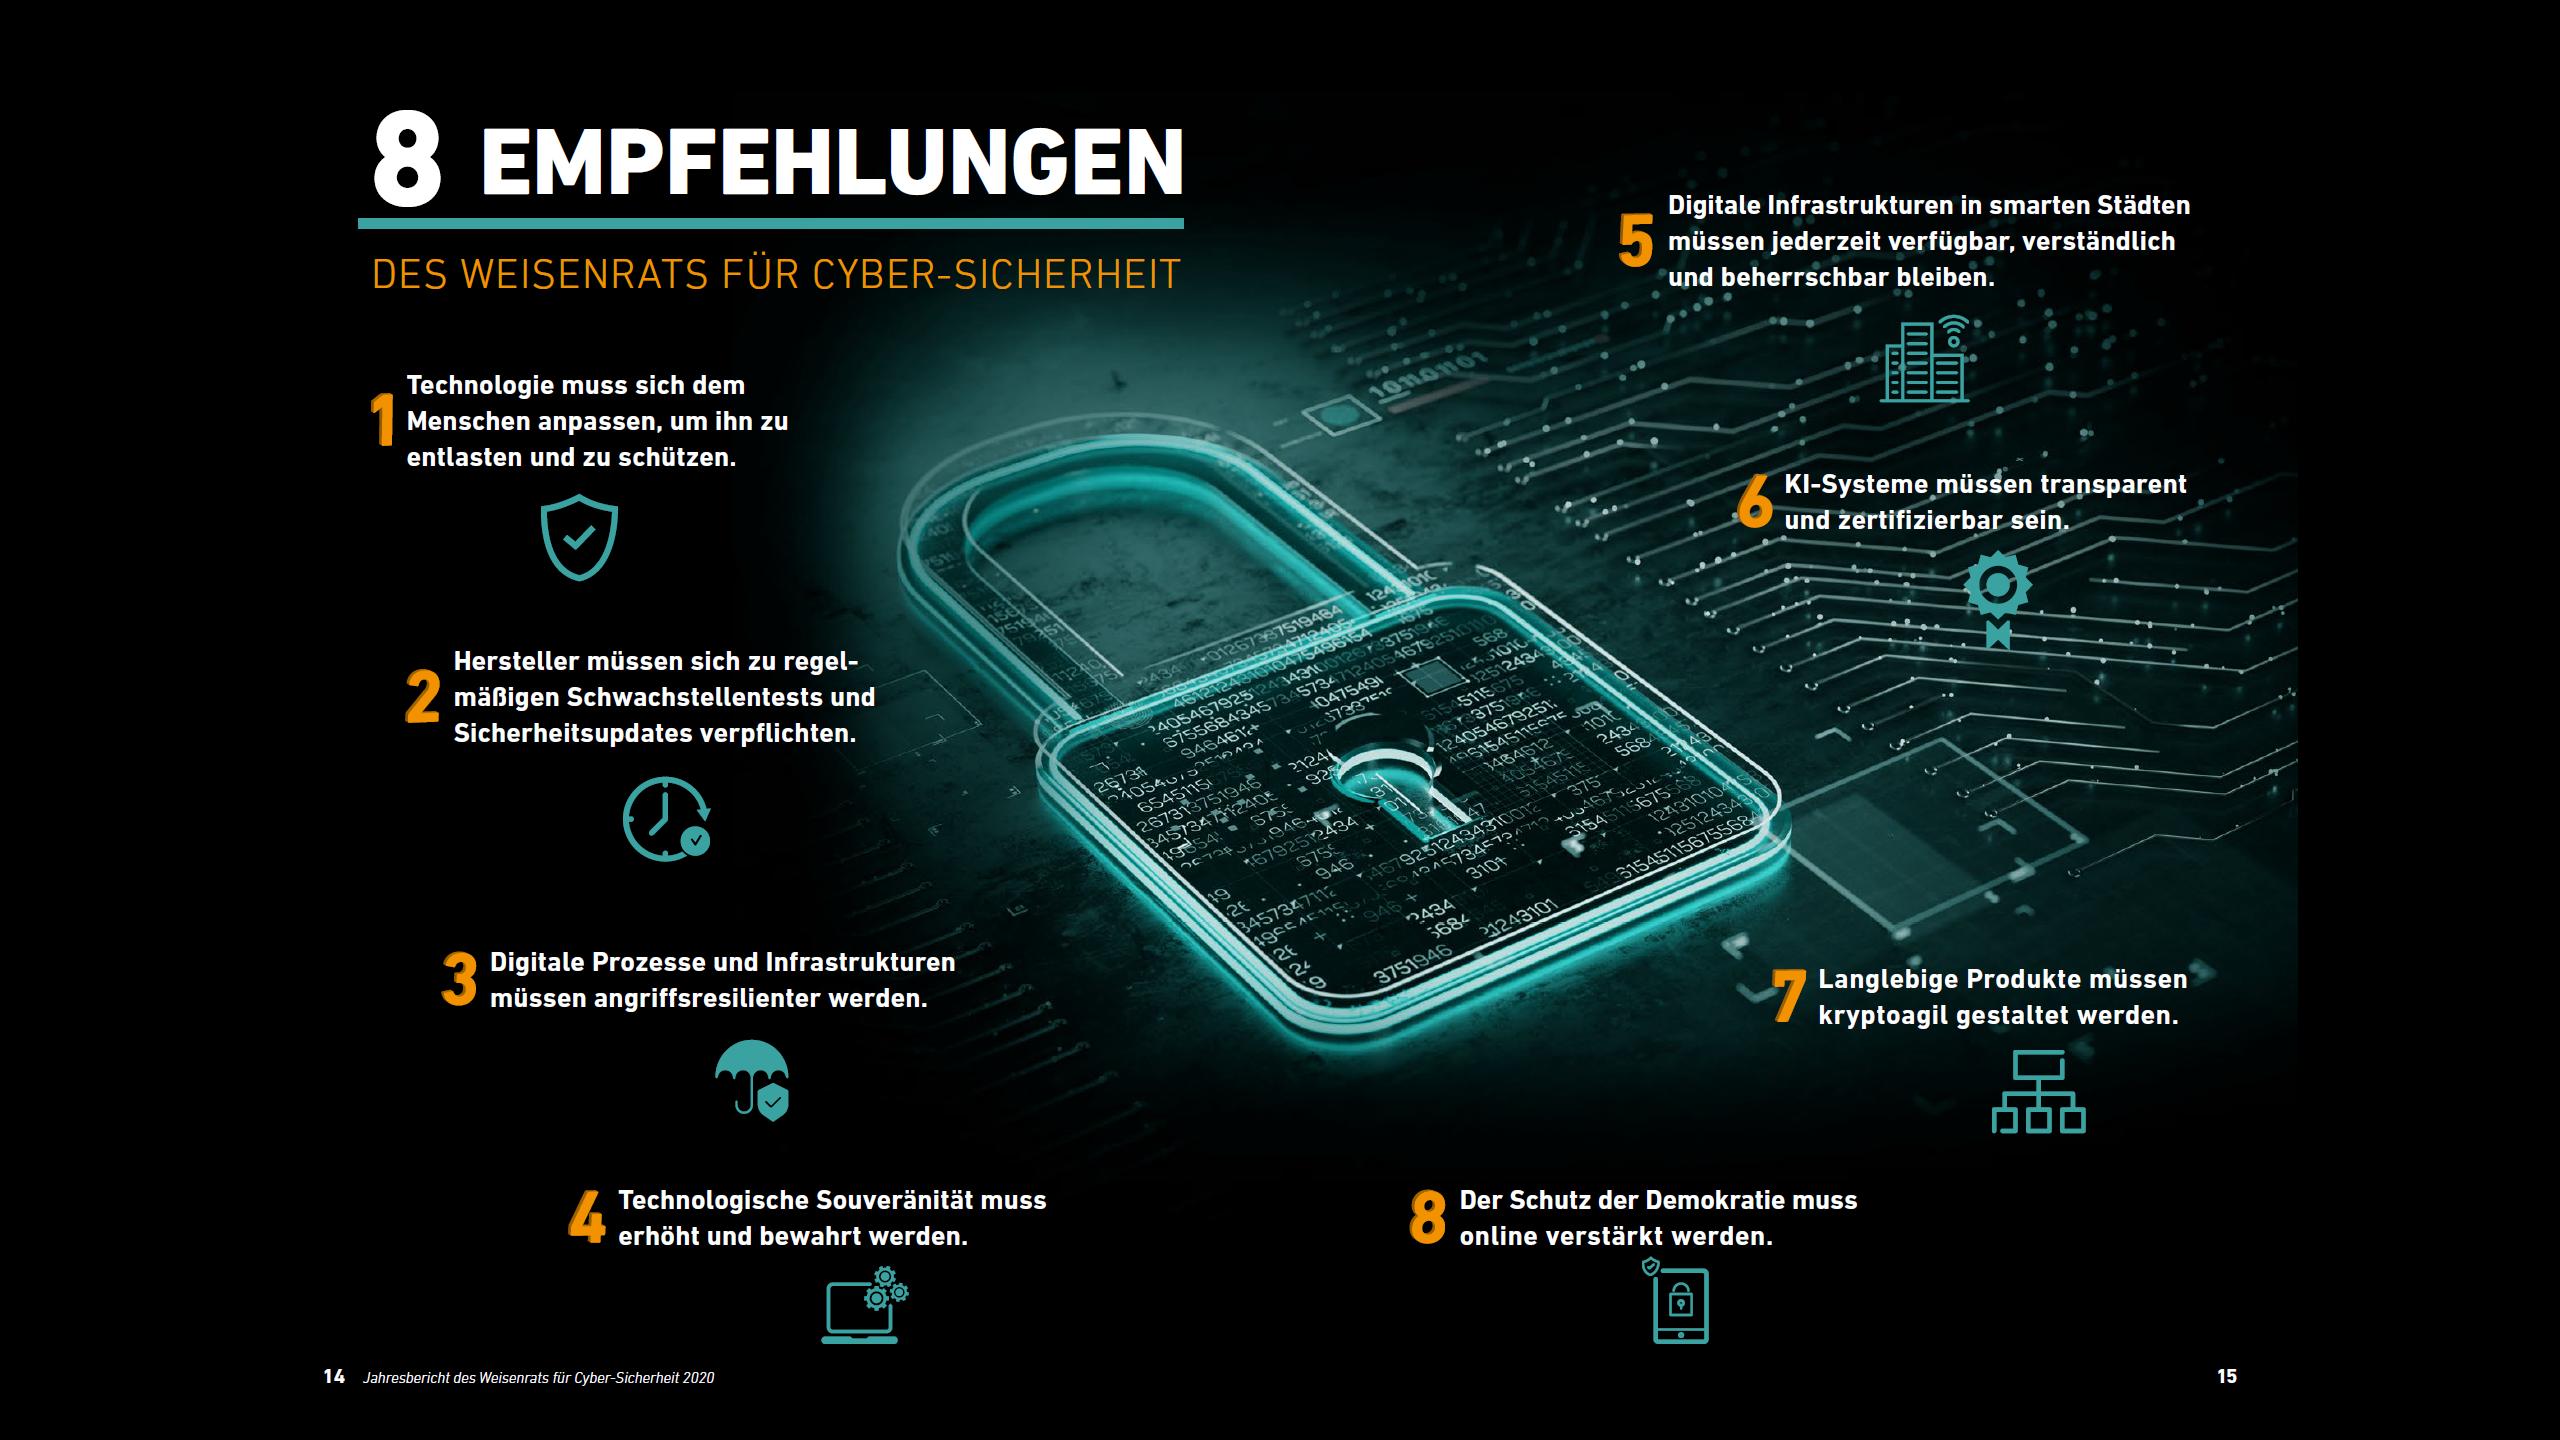 Empfehlungen des Weisenrats für Cyber-Sicherheit 2020 - Prof. Norbert Pohlmann